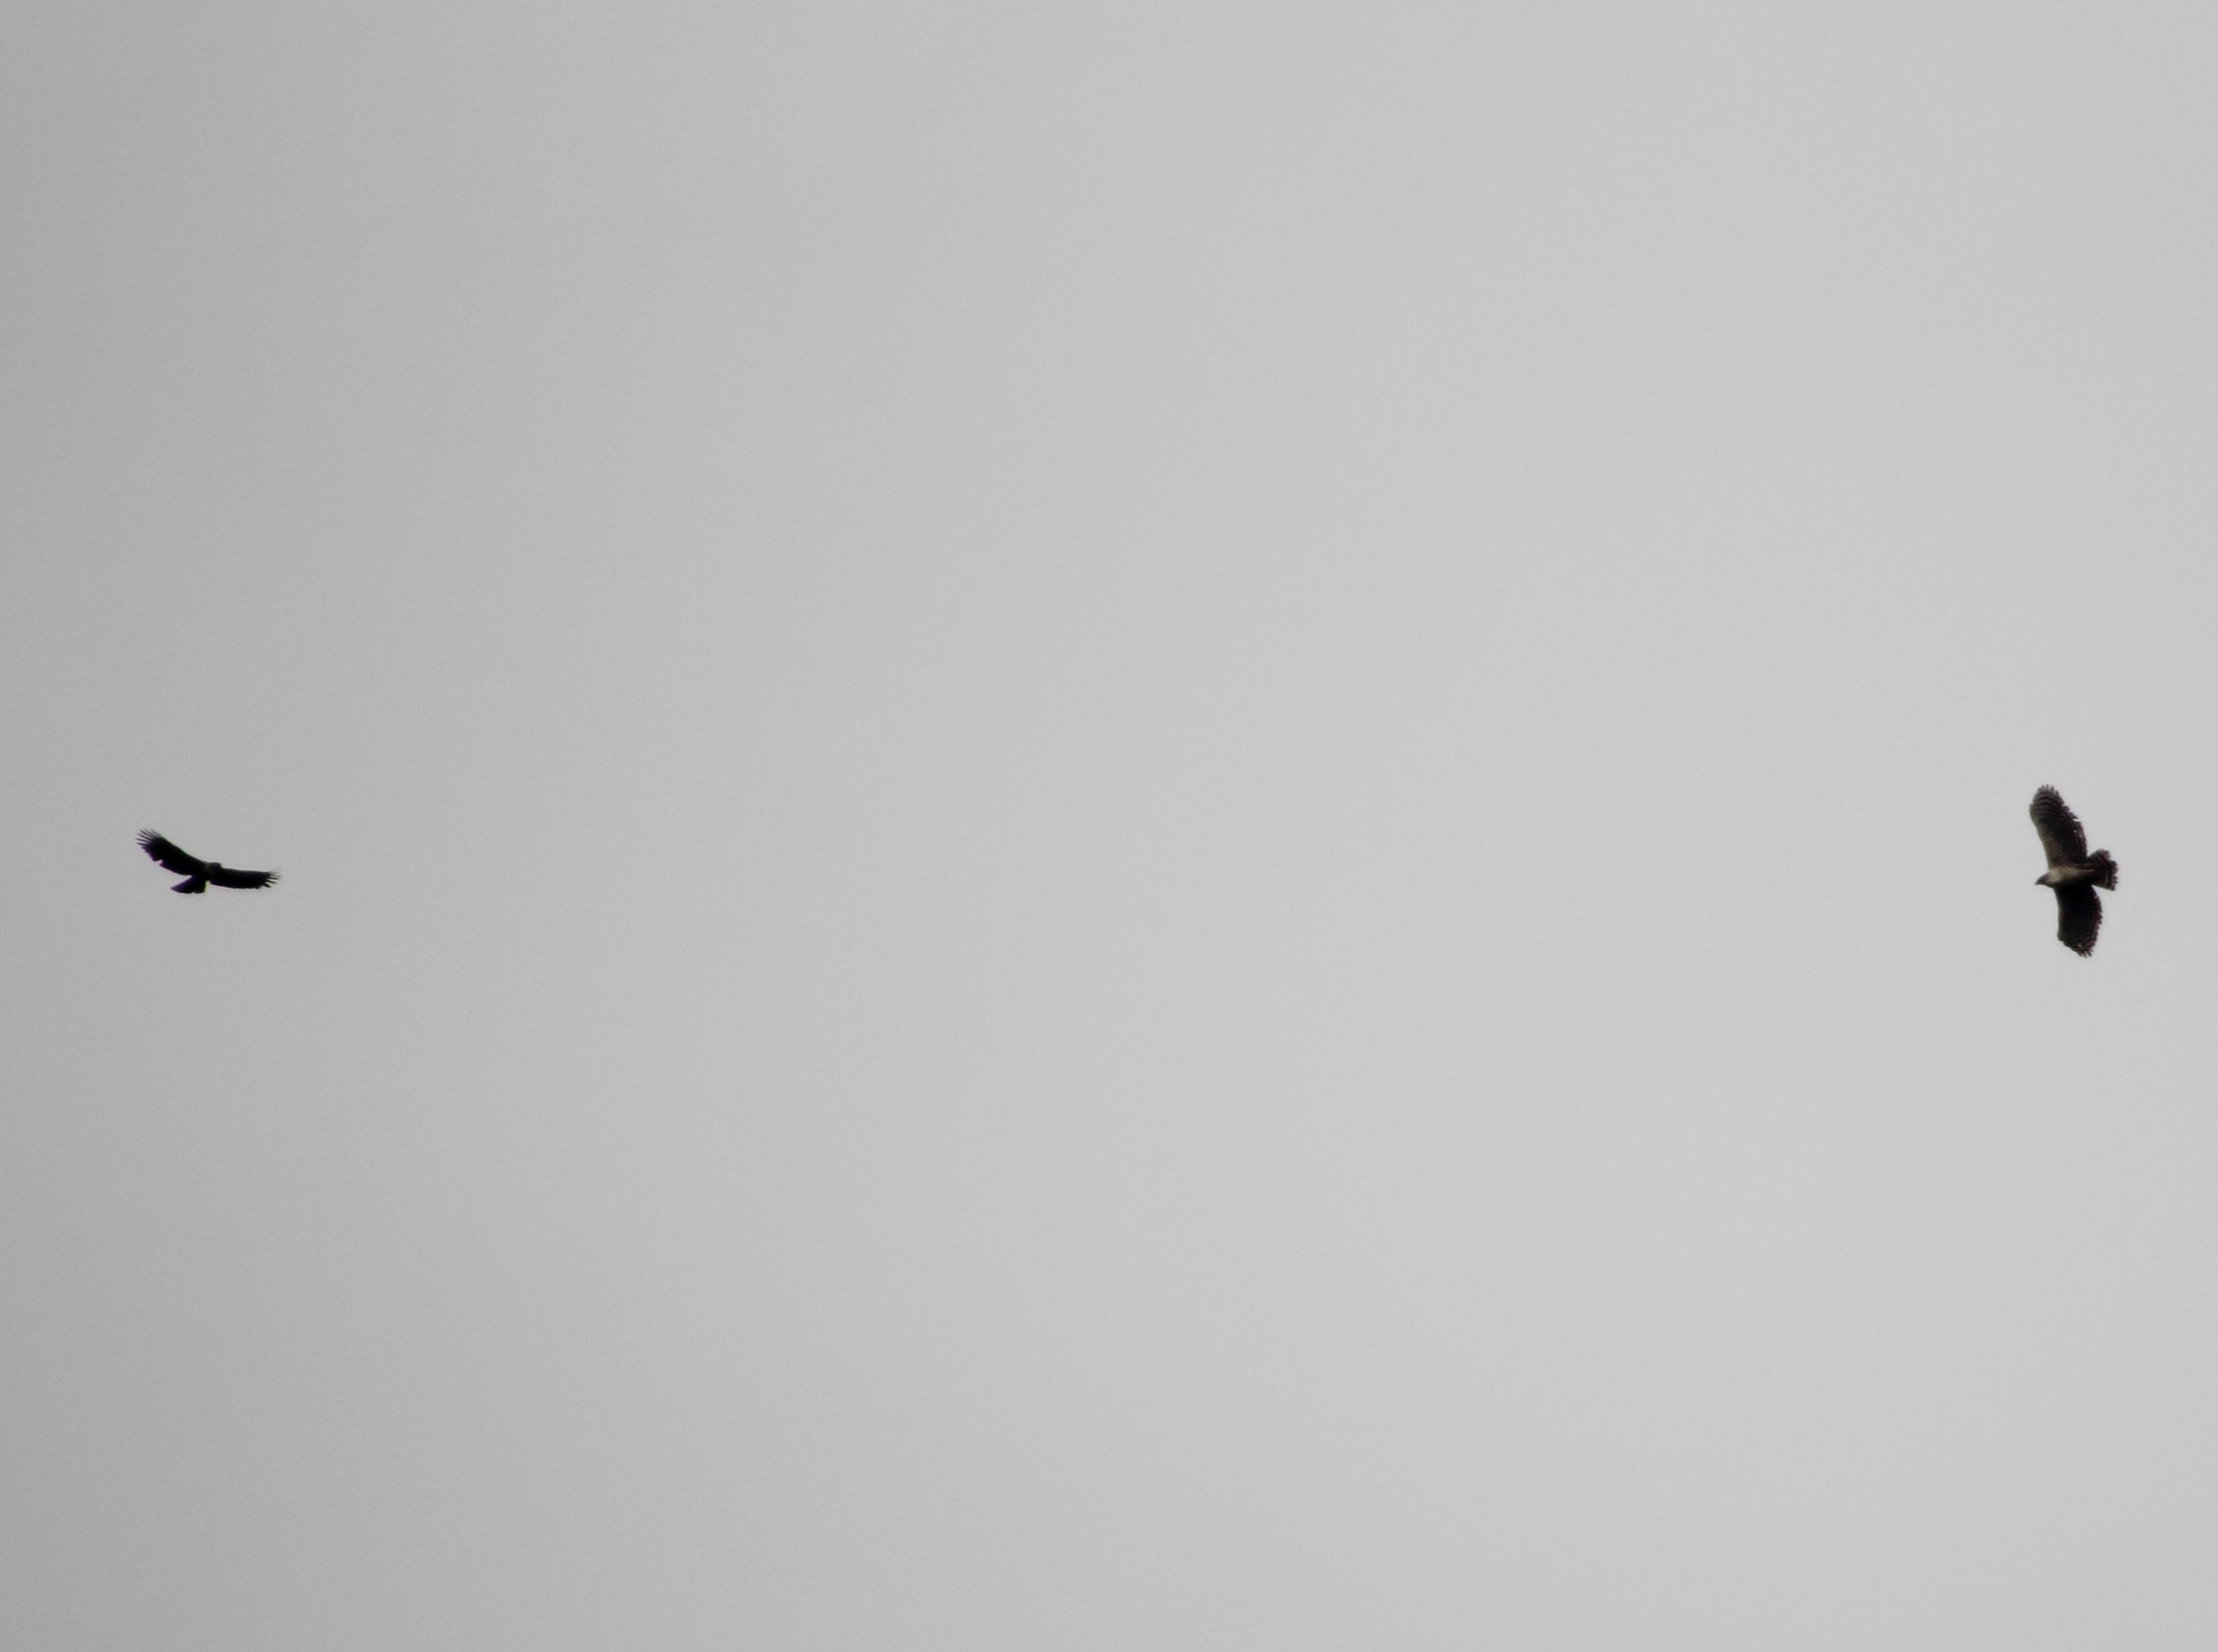 2013.1.21 丹沢湖のクマタカの個体識別_c0269342_2135917.jpg